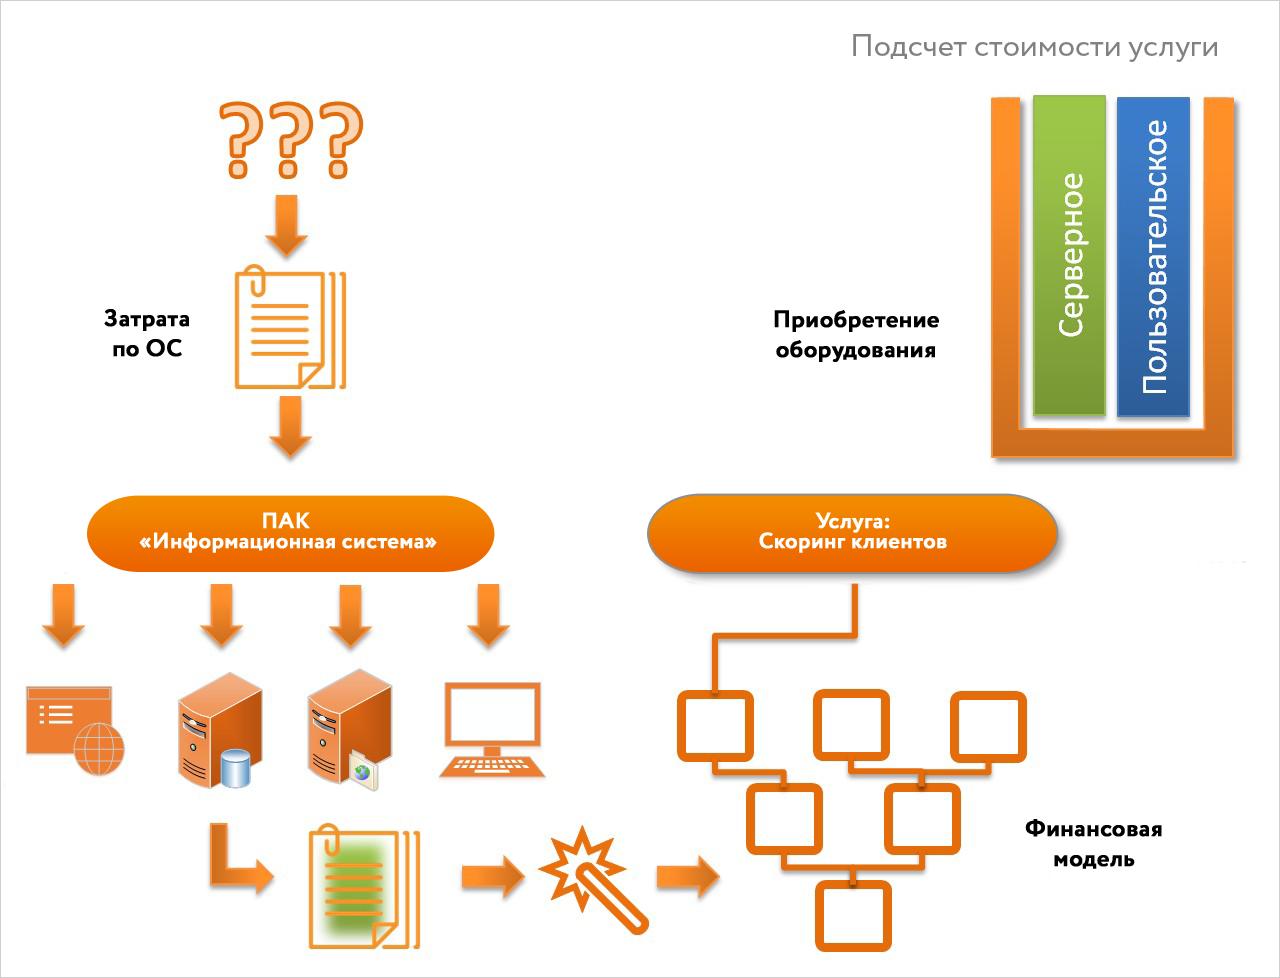 Управление ИТ-активами: как мифы влияют на проекты - 7